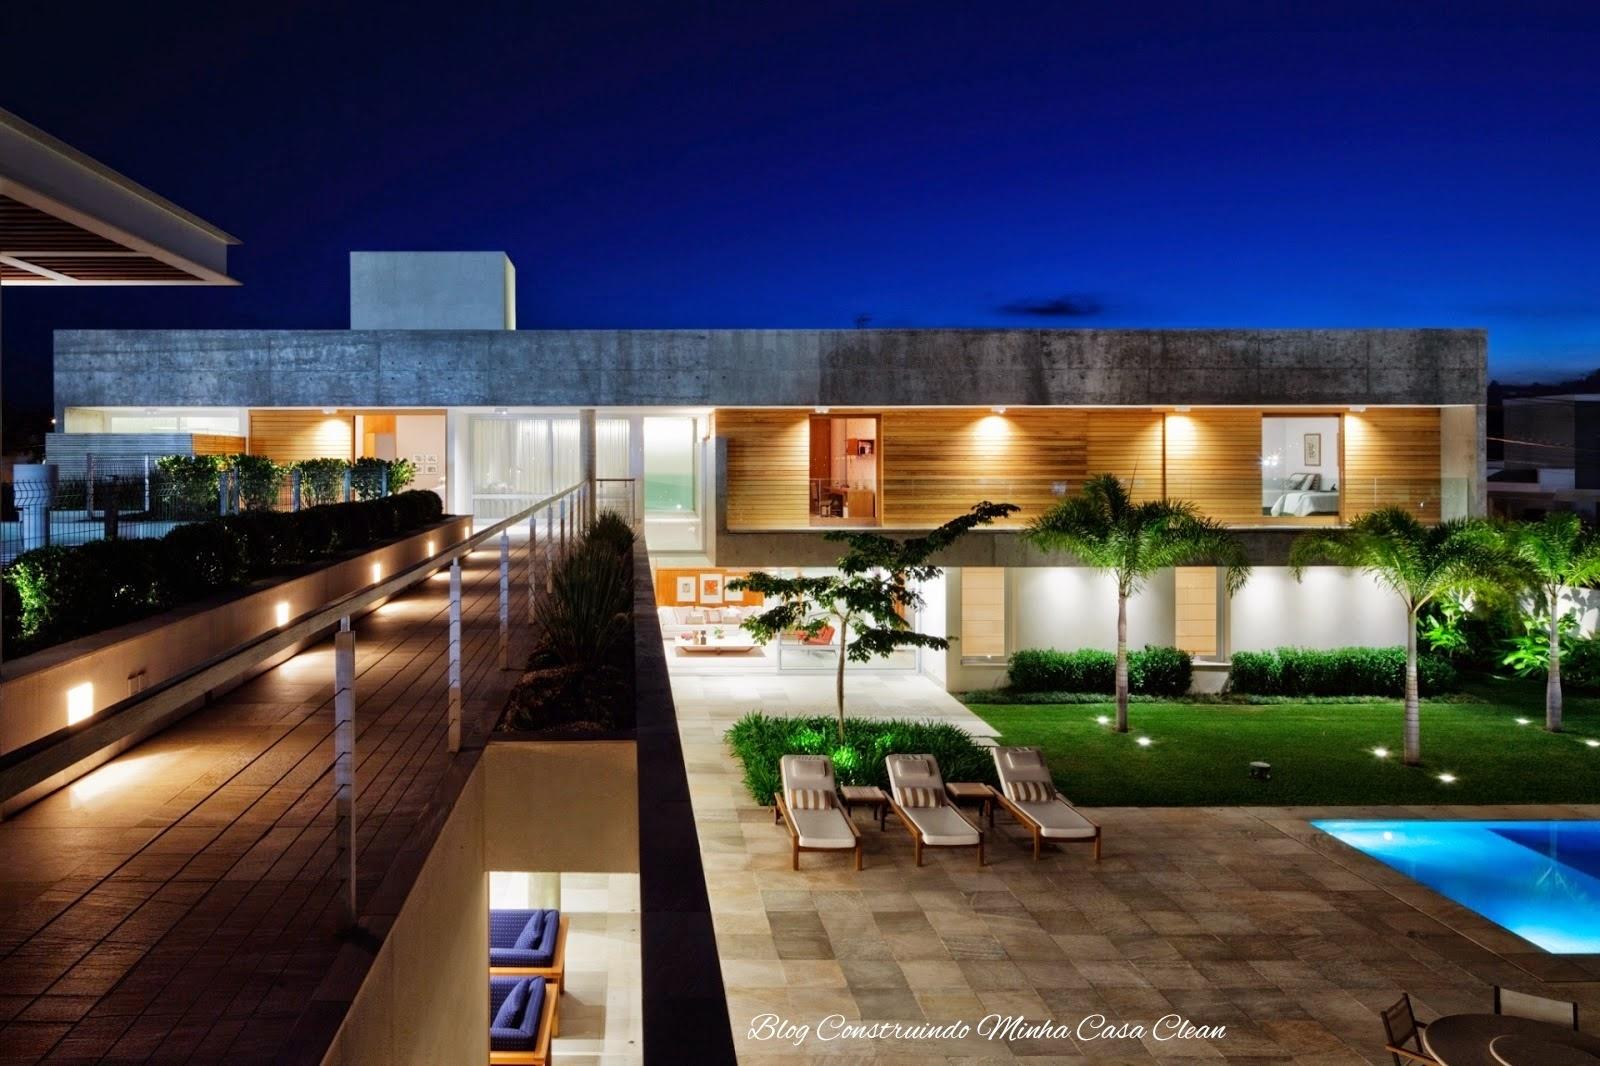 Construindo minha casa clean fachadas de casas modernas for Fachadas de casas modernas iluminadas